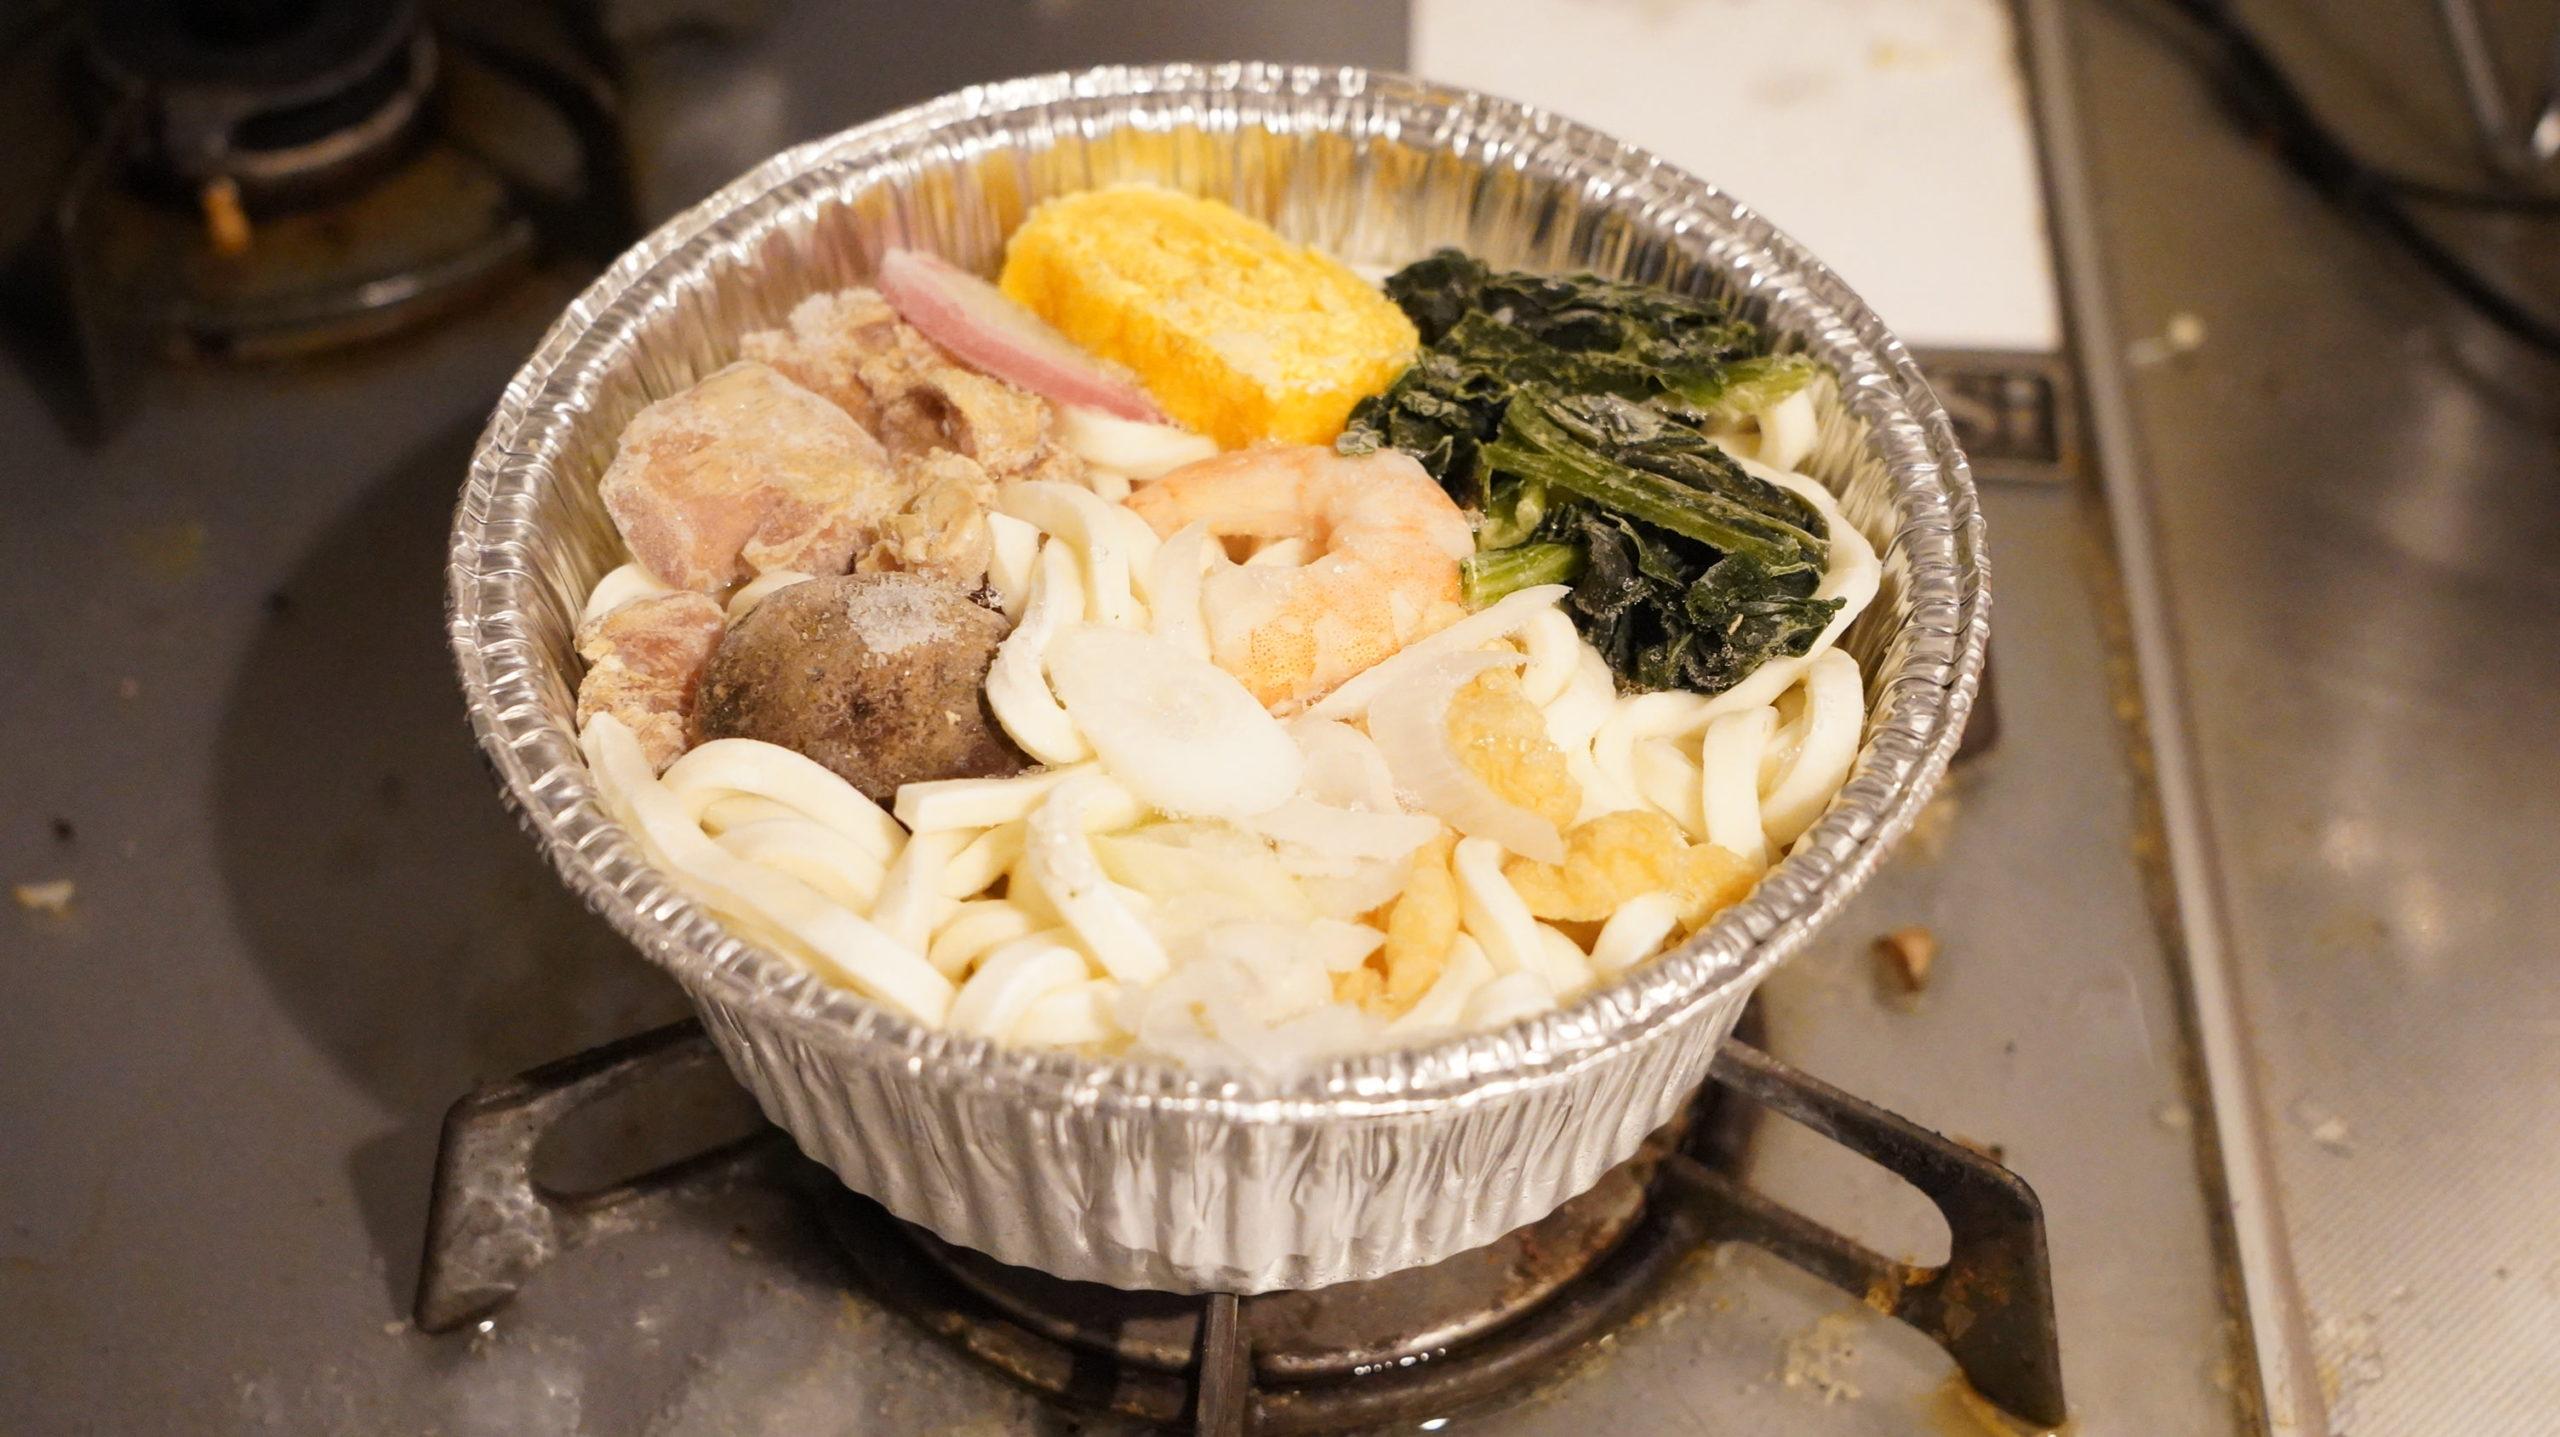 ファミリーマートの冷凍食品「だしが自慢の鍋焼うどん」をガスコンロで加熱している写真